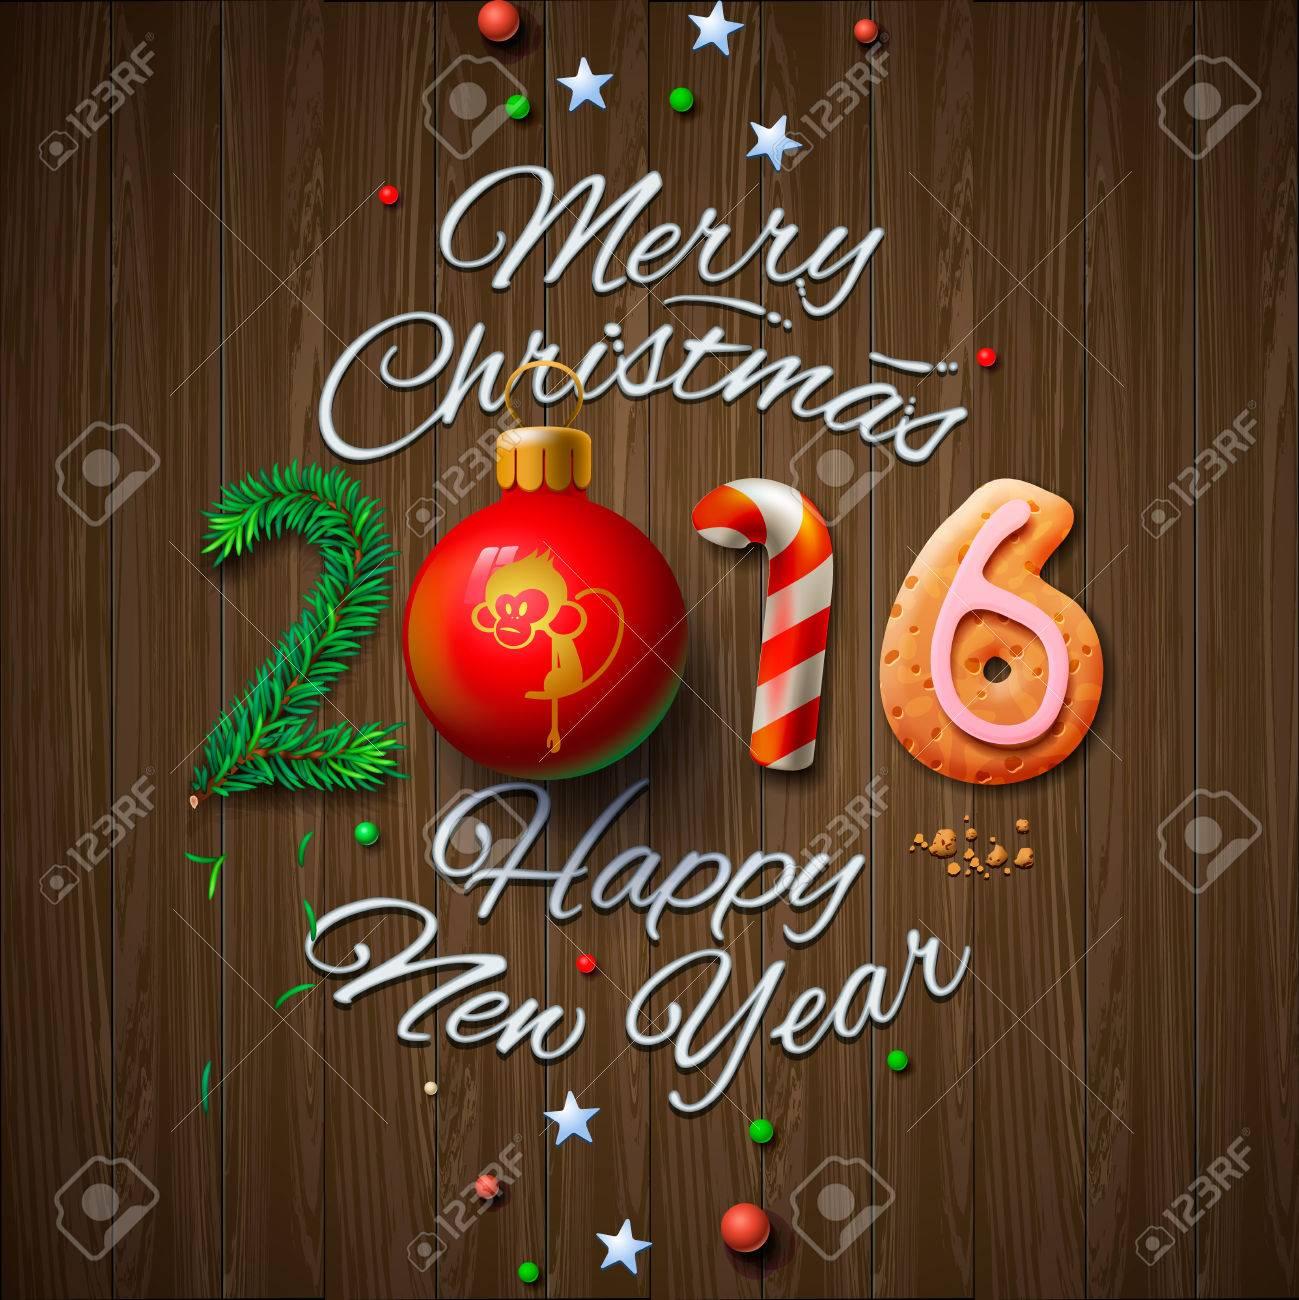 Frohe Weihnachten und ein gutes neues Jahr 2016 Grußkarte, Vektor-Illustration. Standard-Bild - 47864173